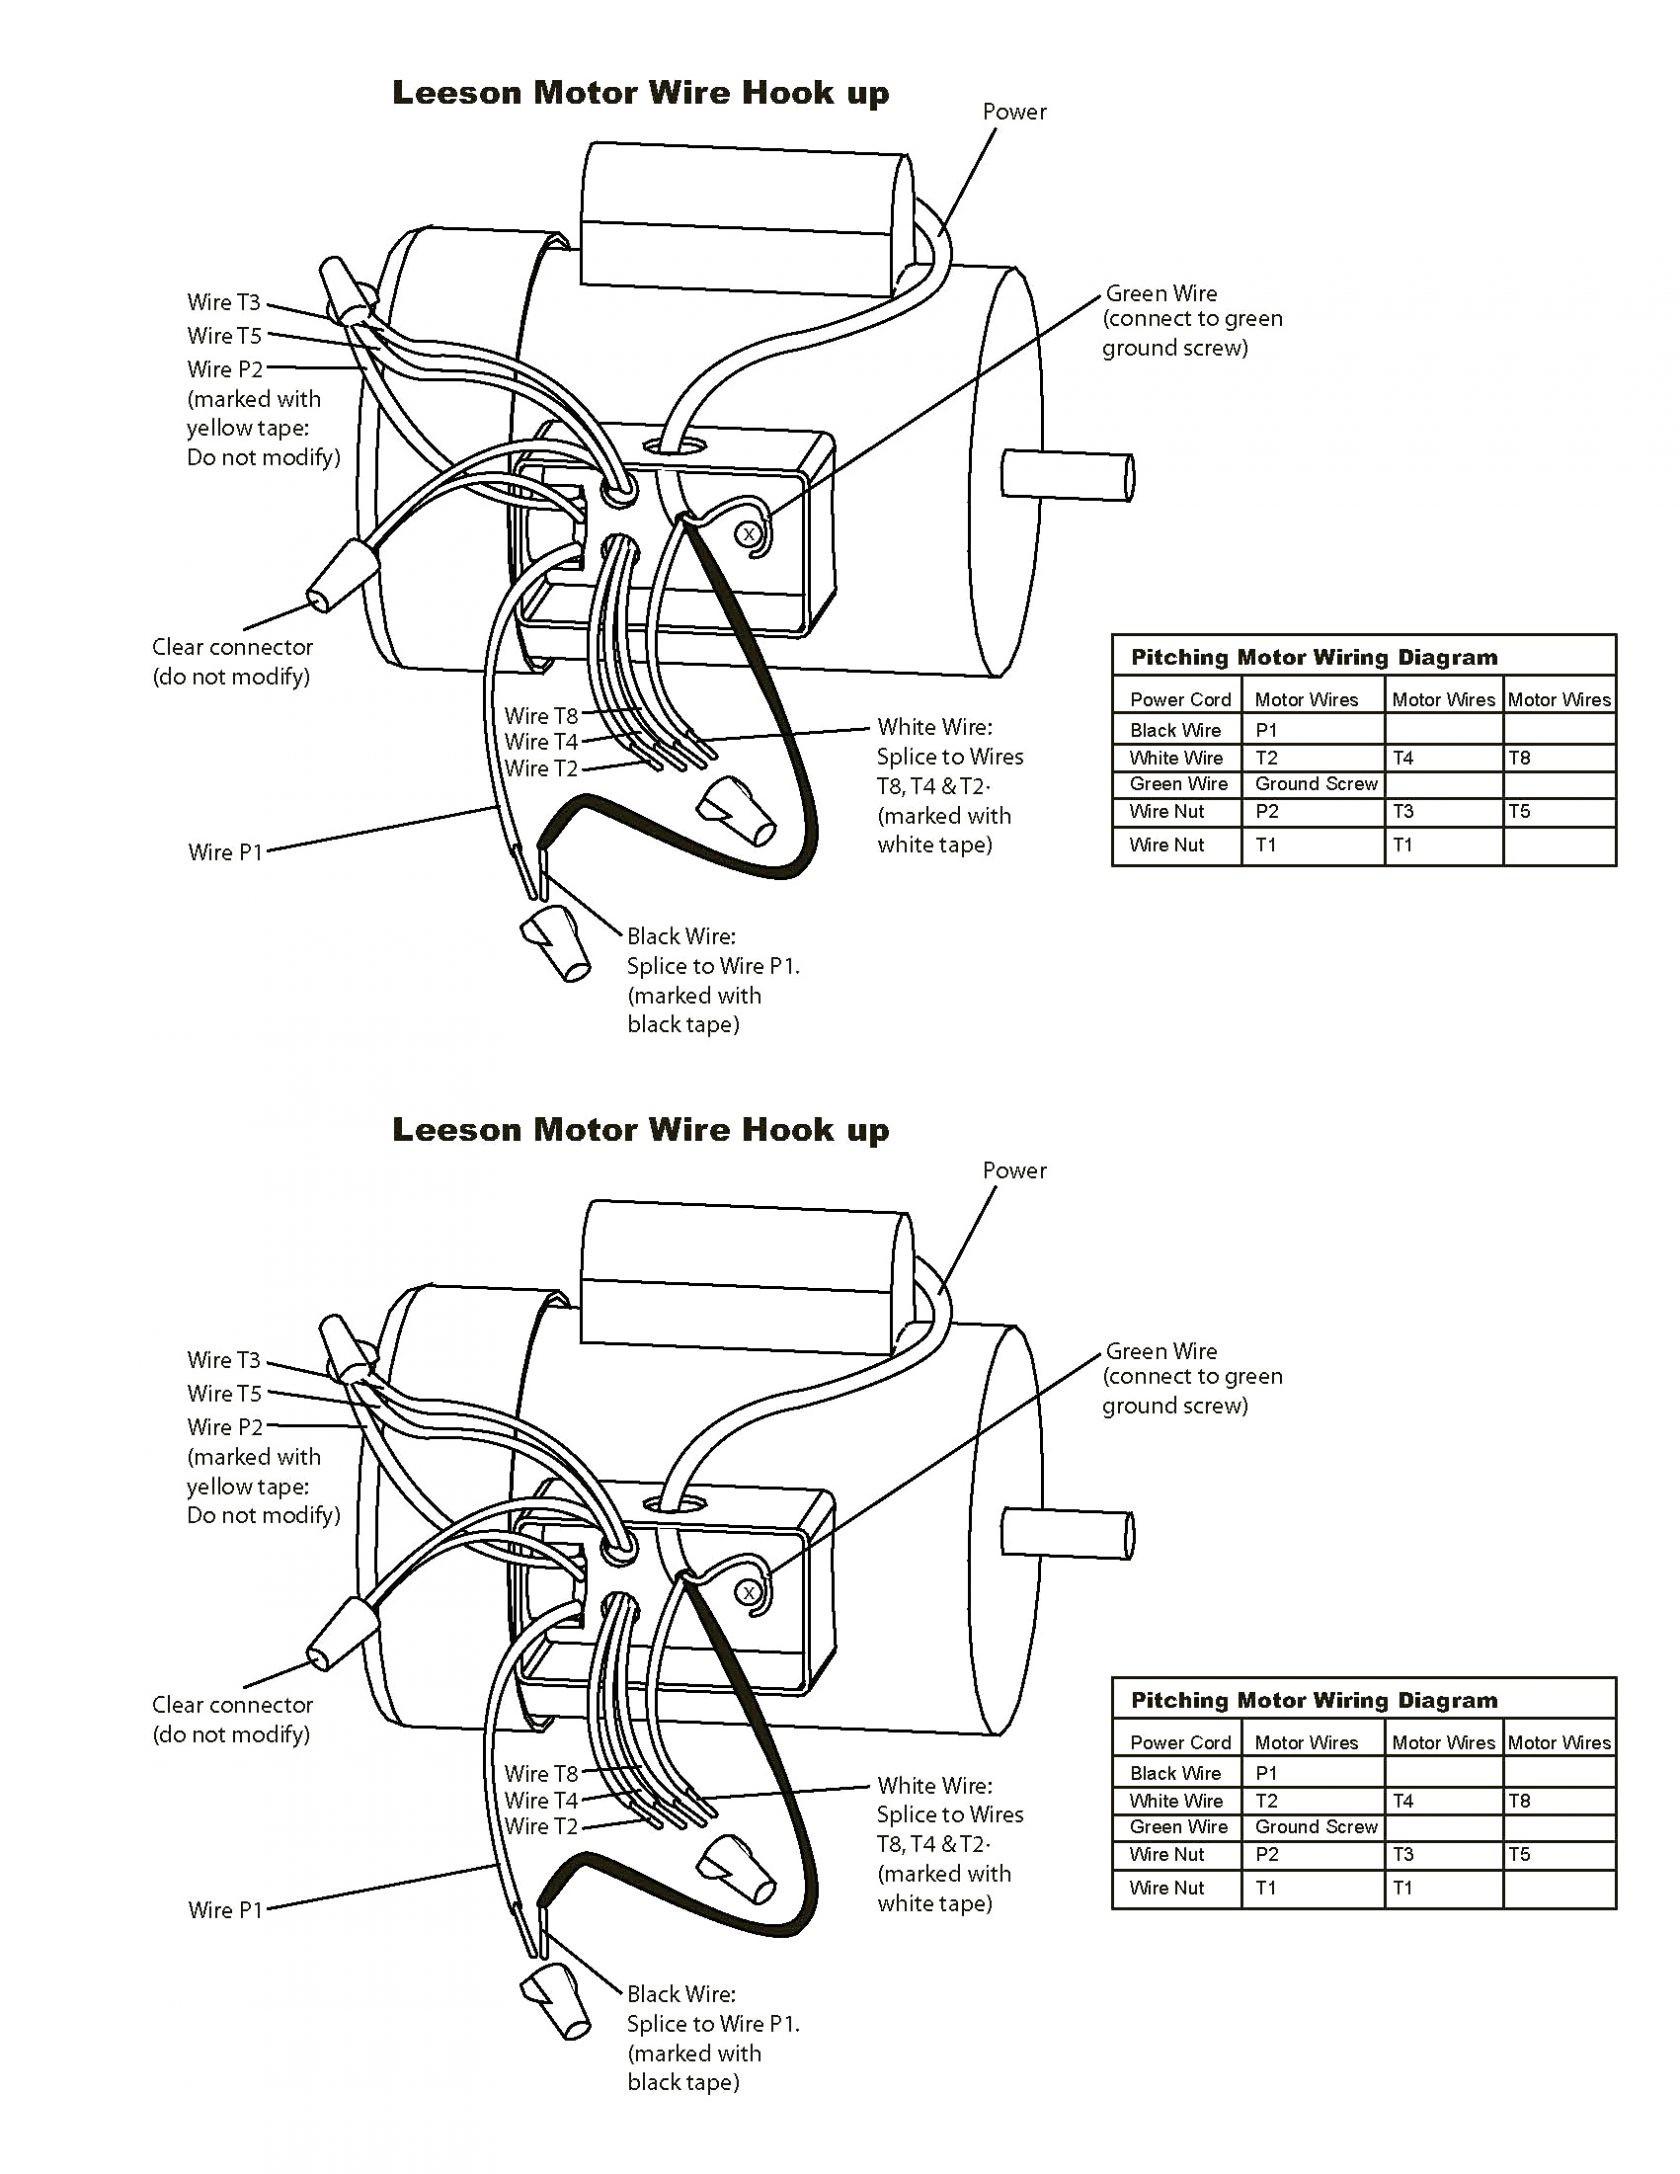 Hayward Pool Pump Motor Wiring Diagram 2 Free Download | Wiring Library - Hayward Super Pump Wiring Diagram